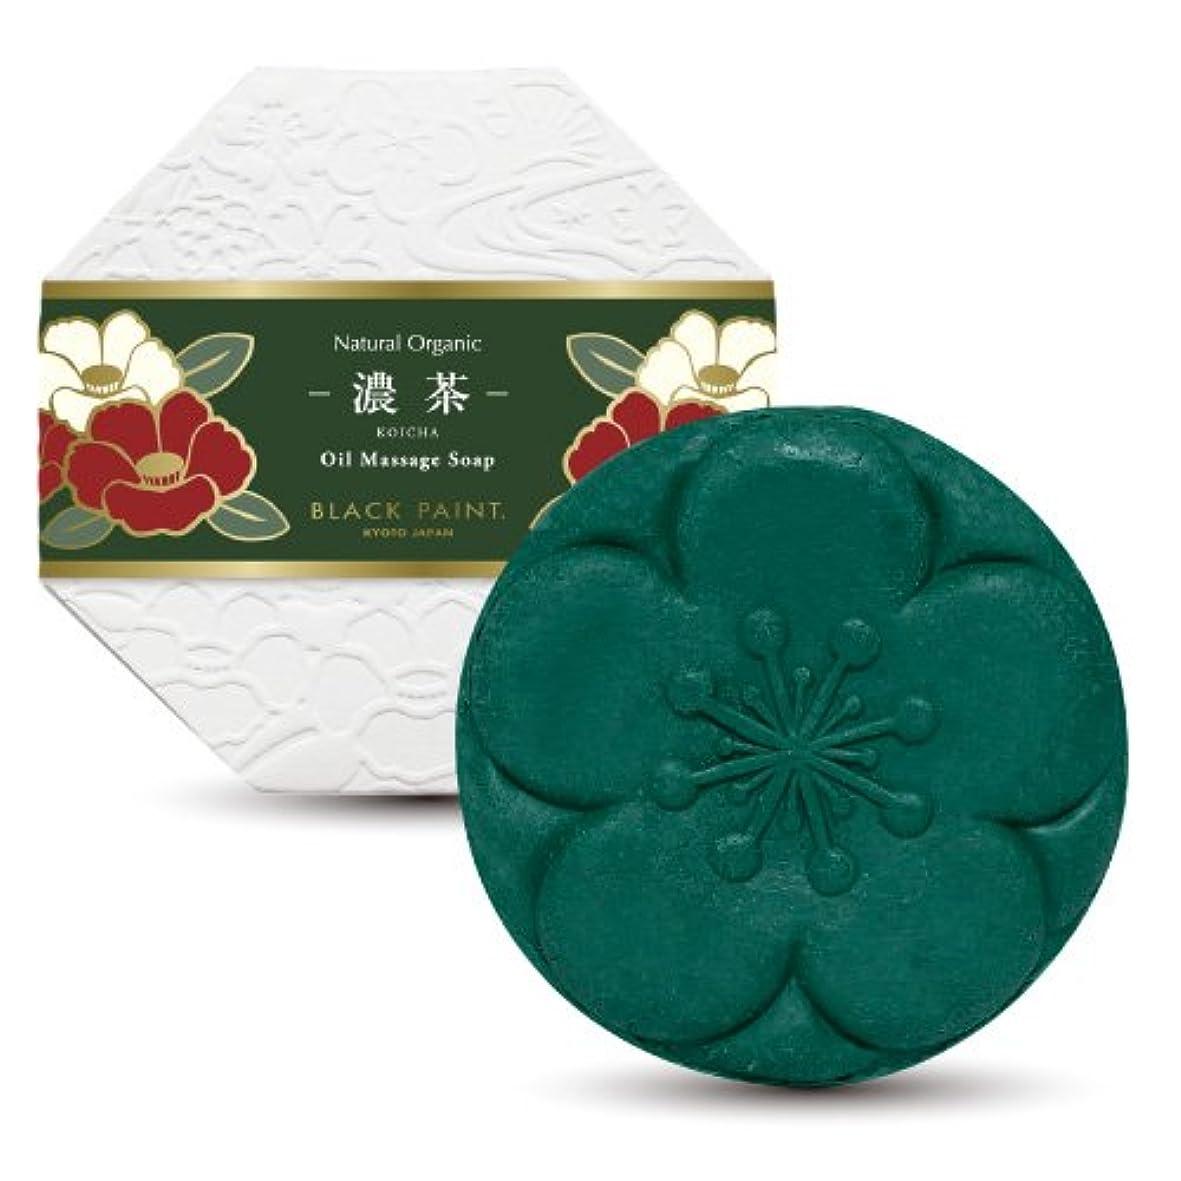 まっすぐにする冗長名前を作る京のお茶石鹸 濃茶 120g 塗る石鹸